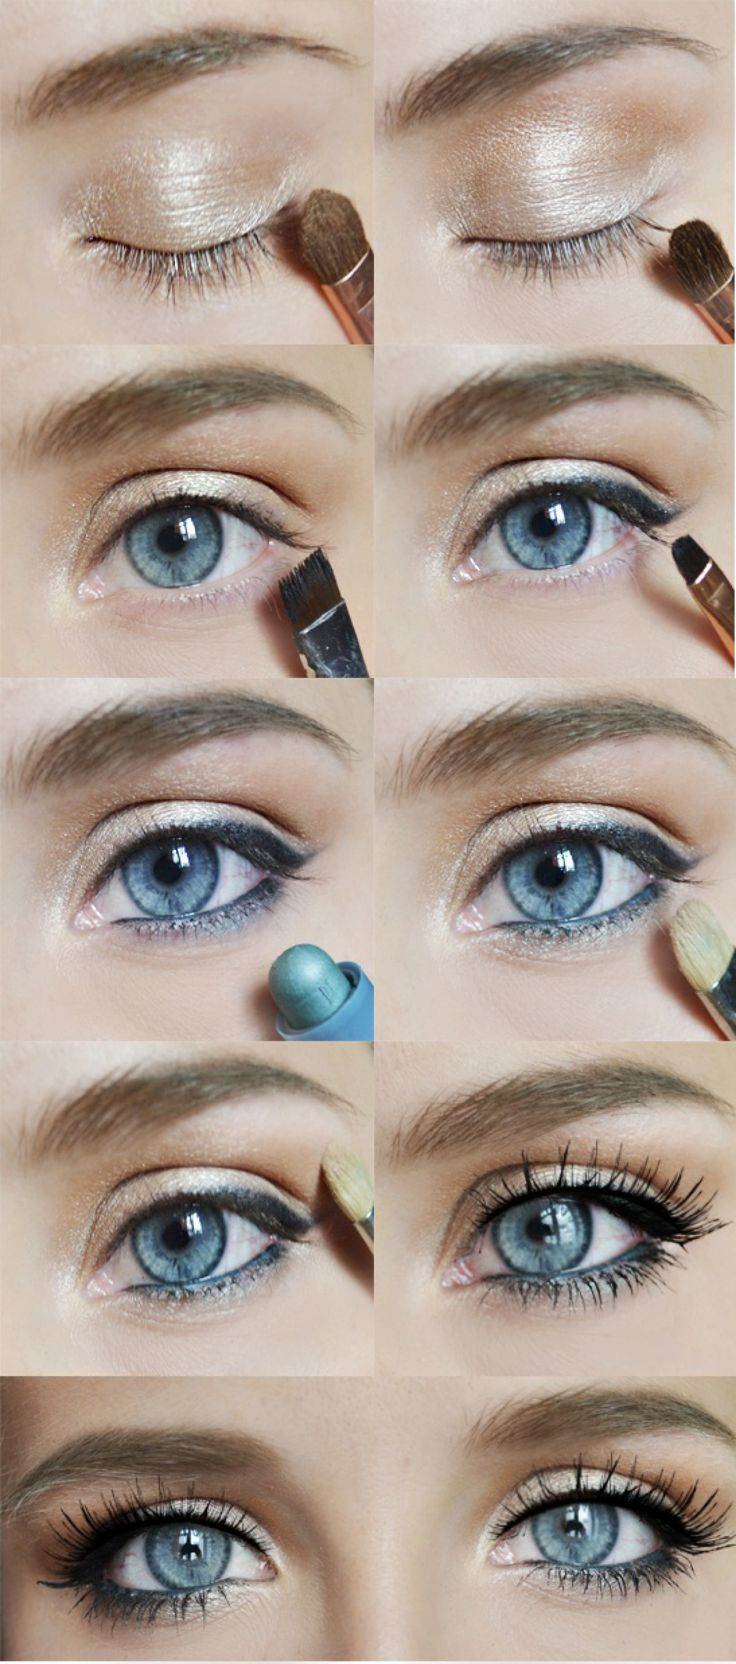 Mooie naturel make-up voor blauwe ogen!